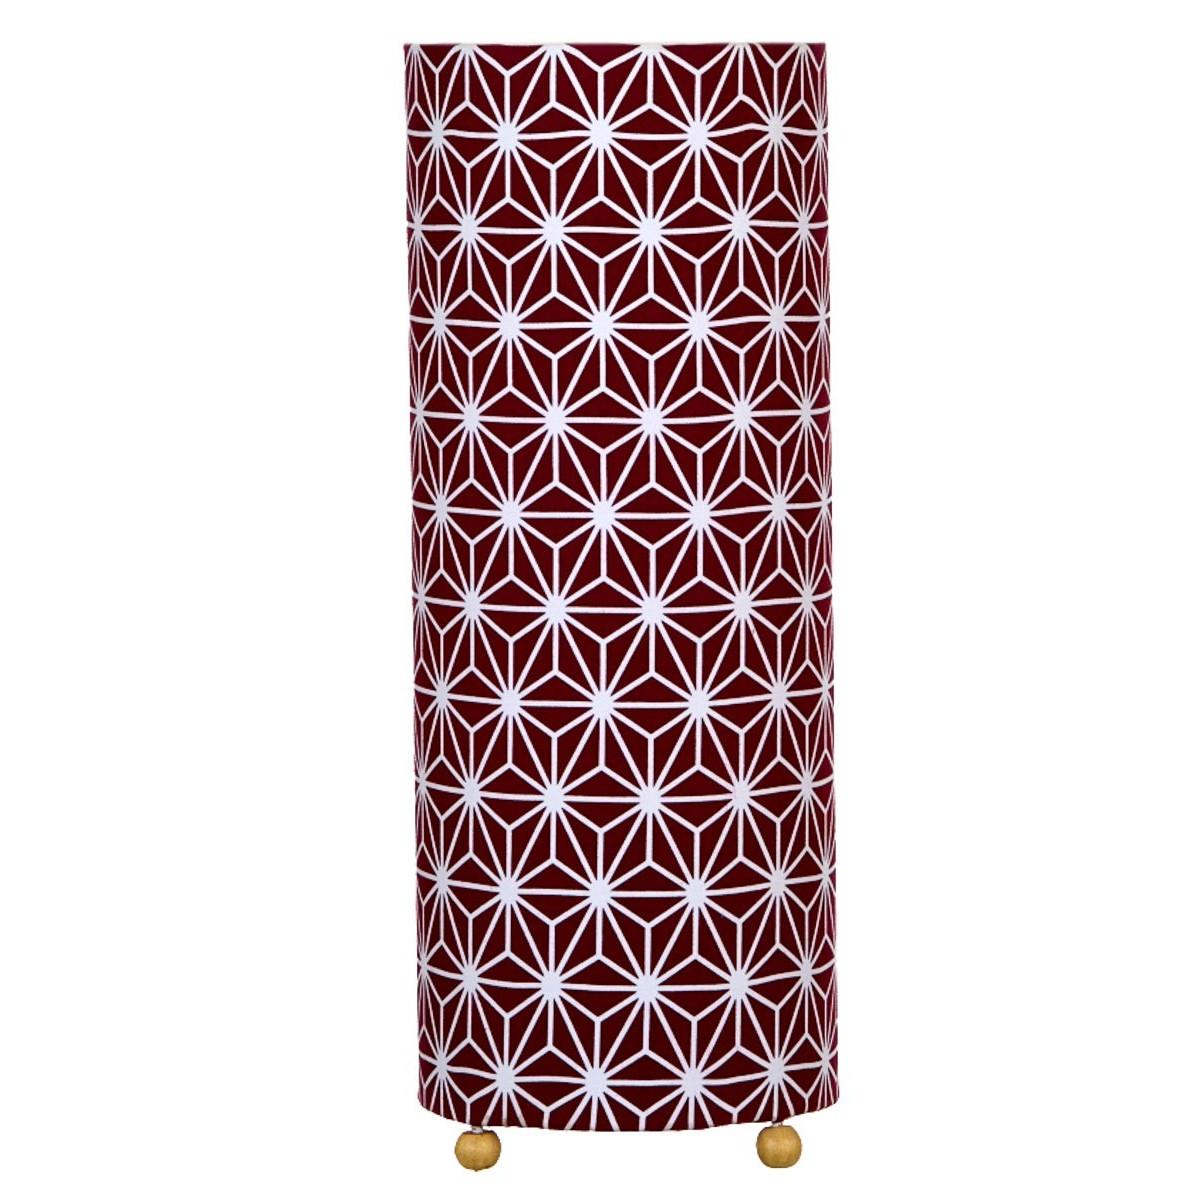 Lampe circulaire de chevet tissu Asanoha prune